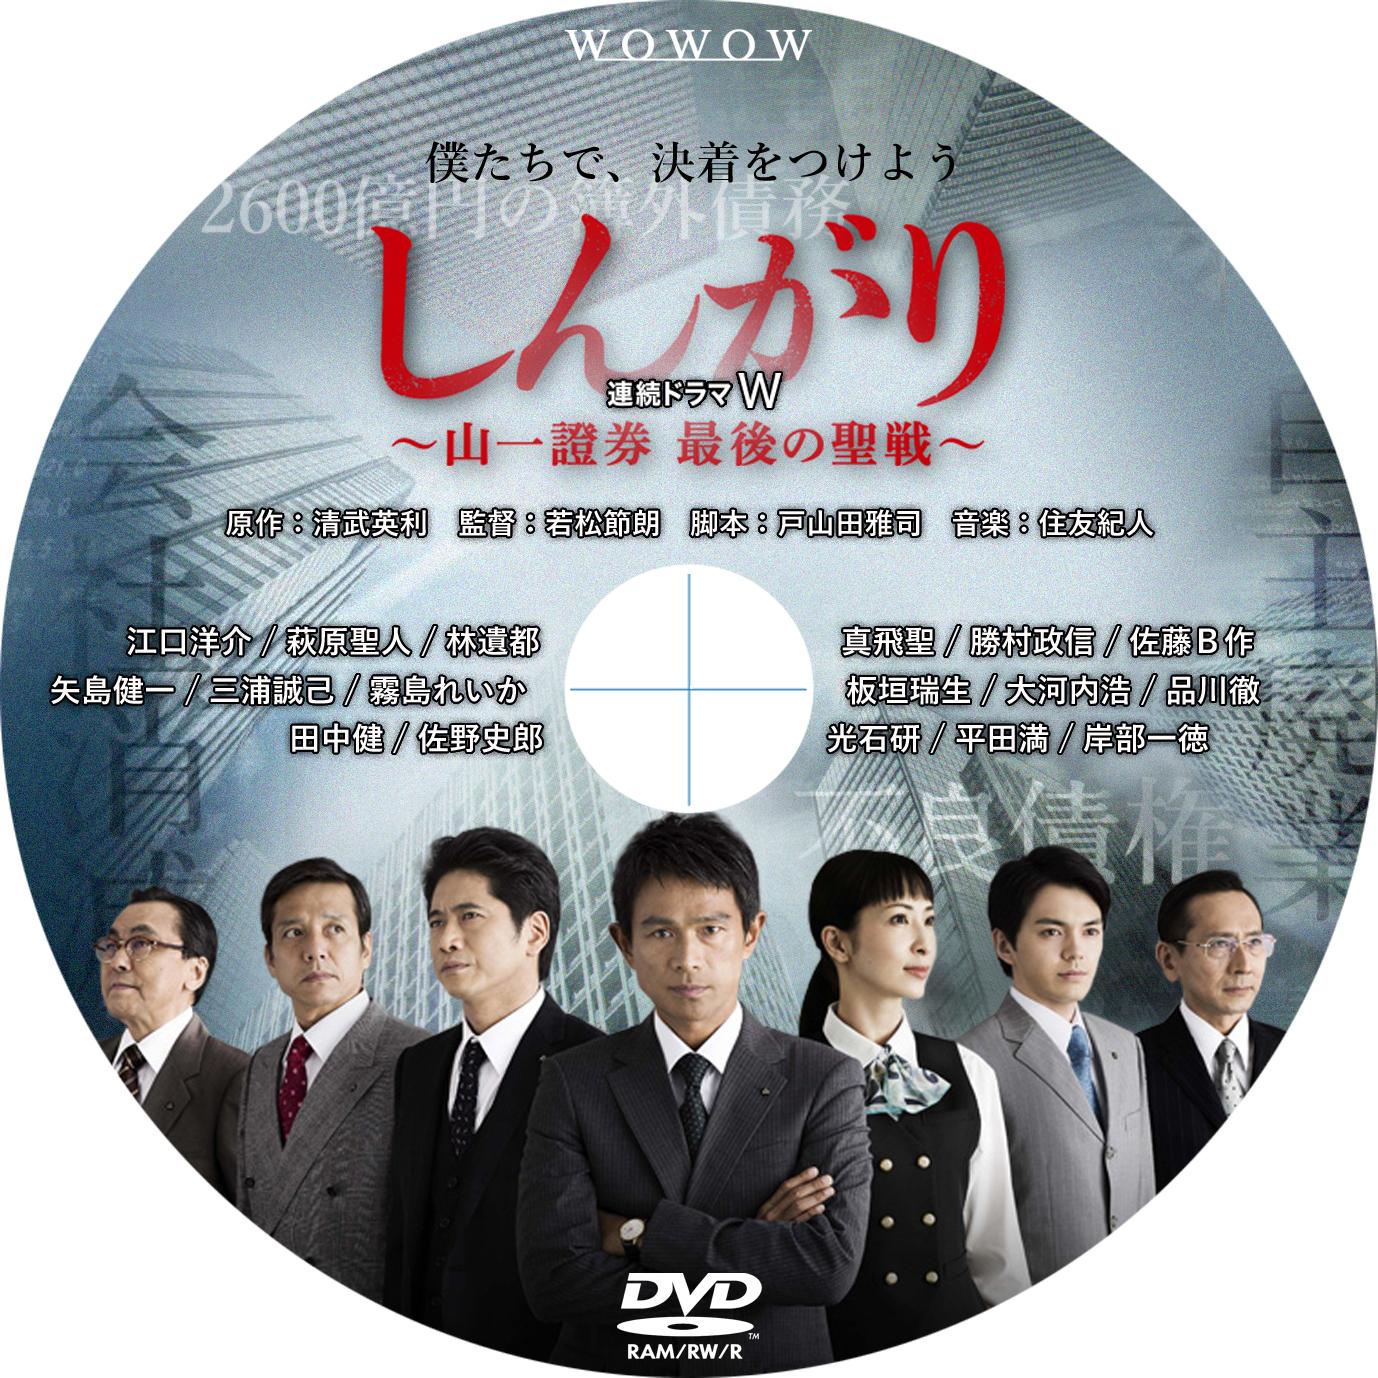 連続ドラマW しんがり : tomiio15音楽ライブDVD/Blu-rayラベル